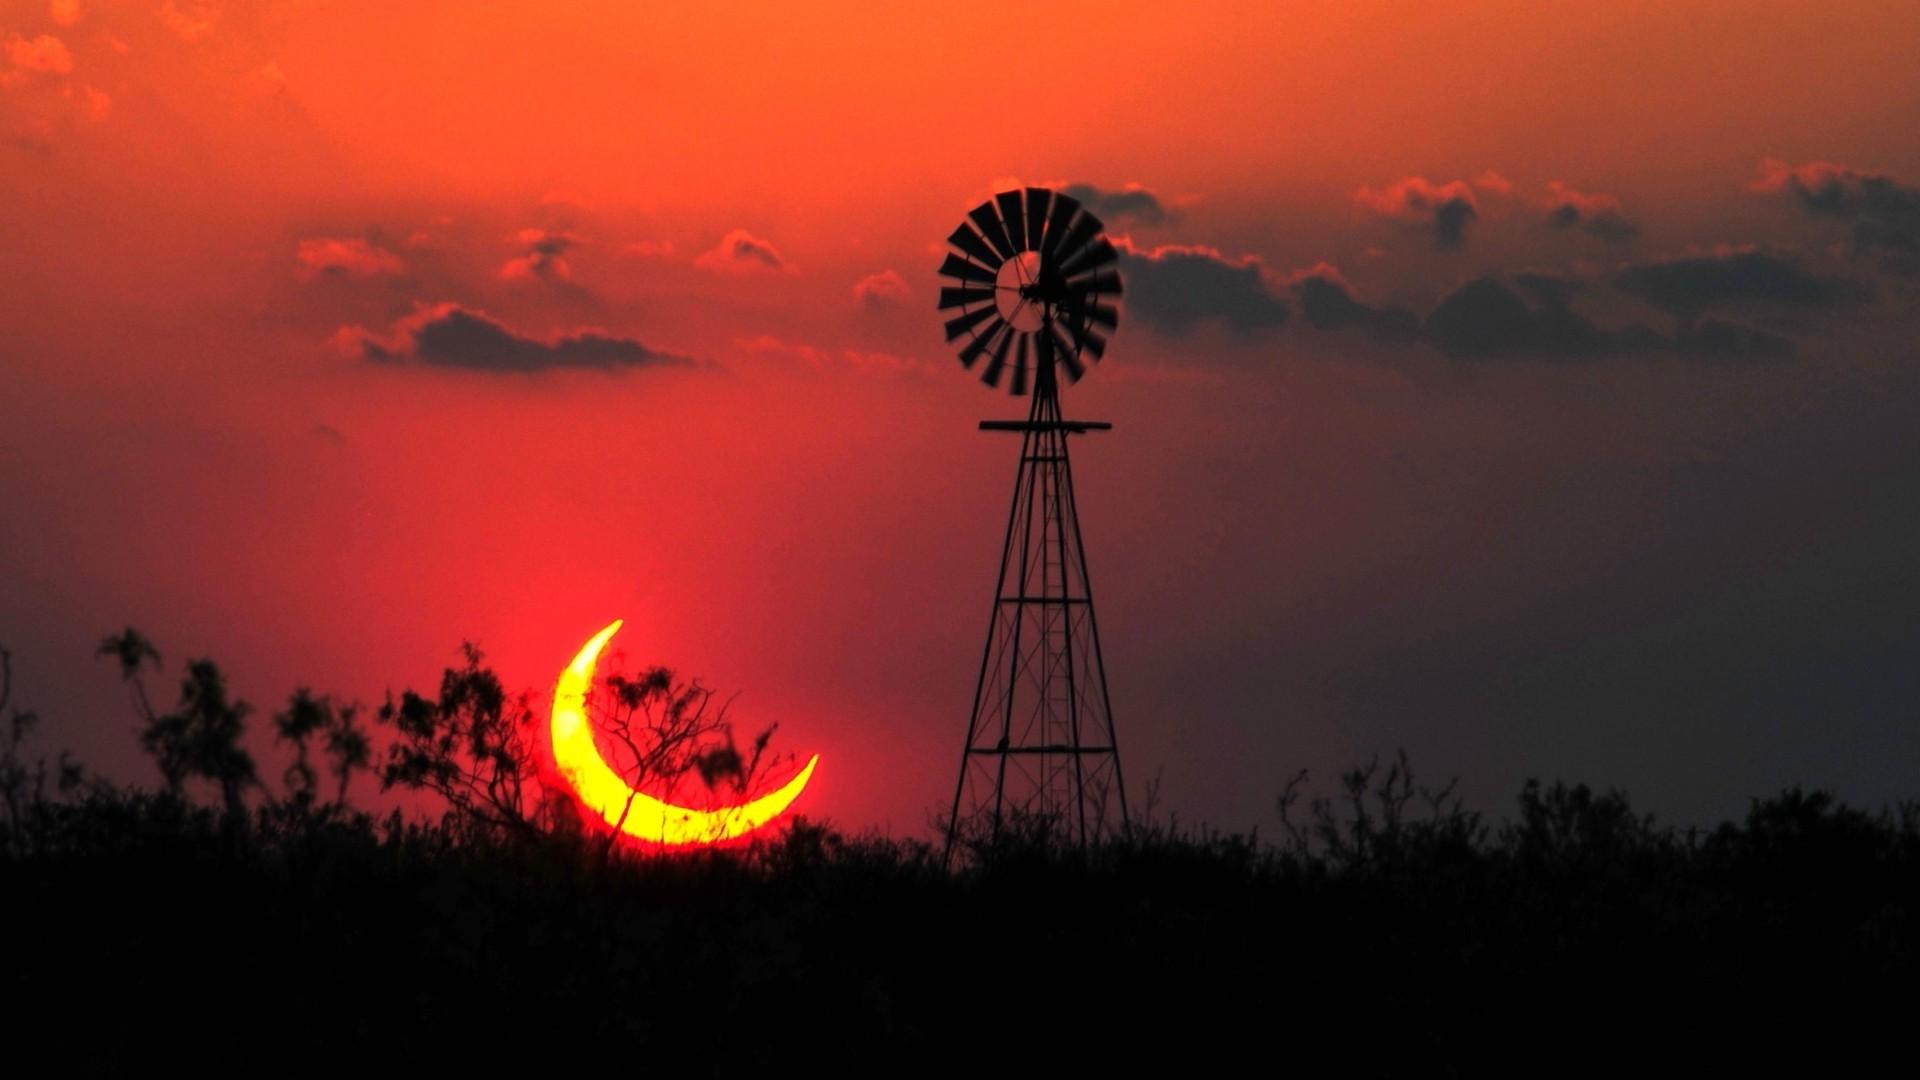 Wallpaper 1920x1080 Px Eclipse Landscape Sun Texas